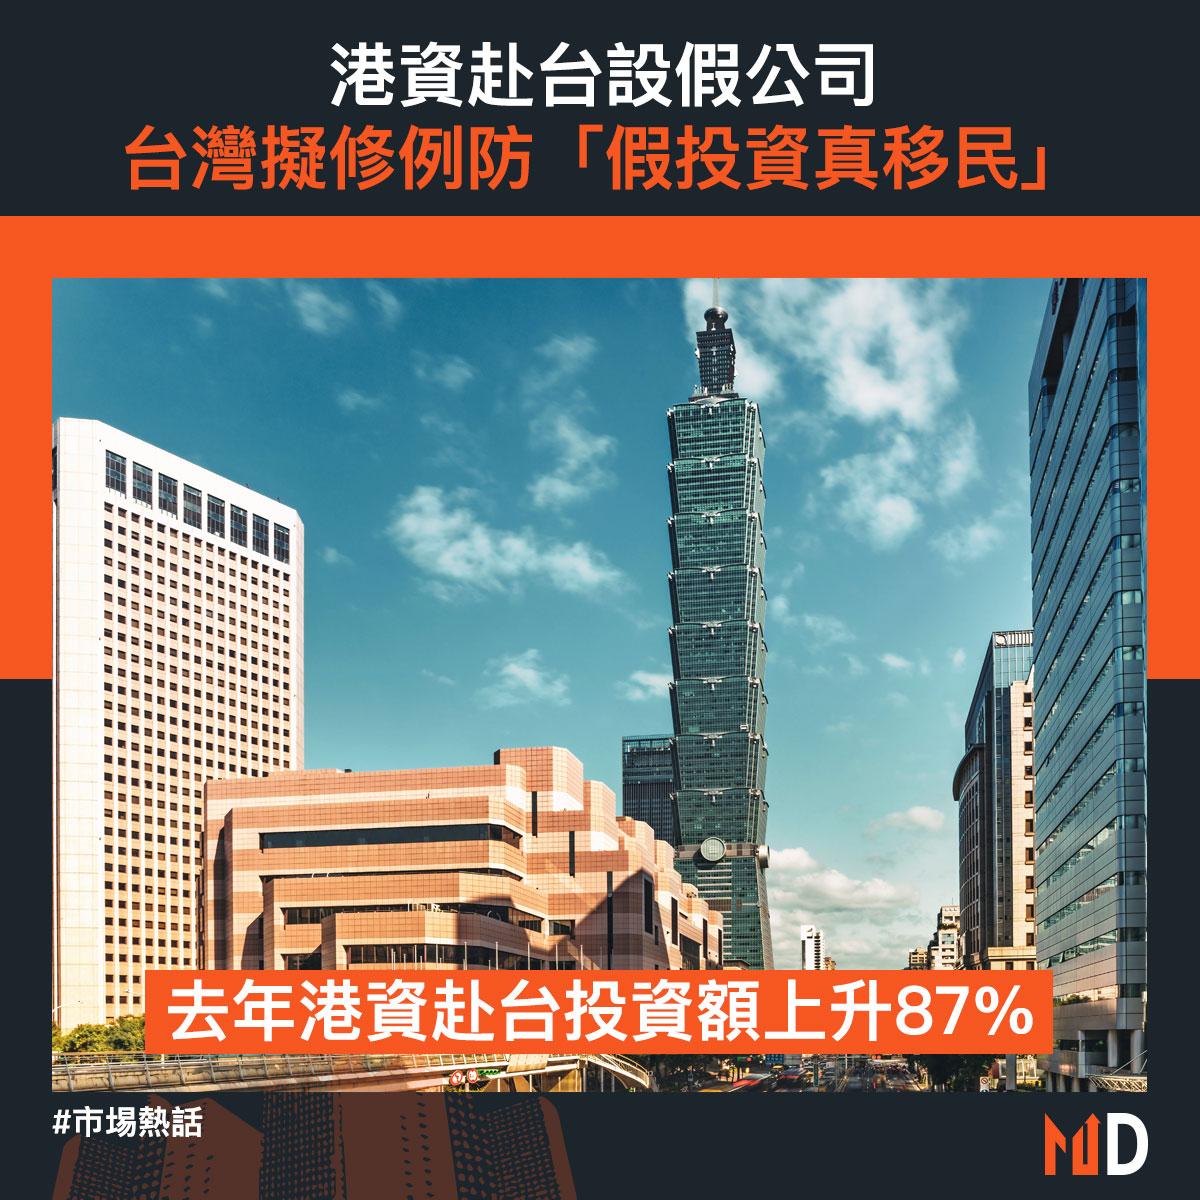 港資赴台設假公司 台灣擬修例防「假投資真移民」